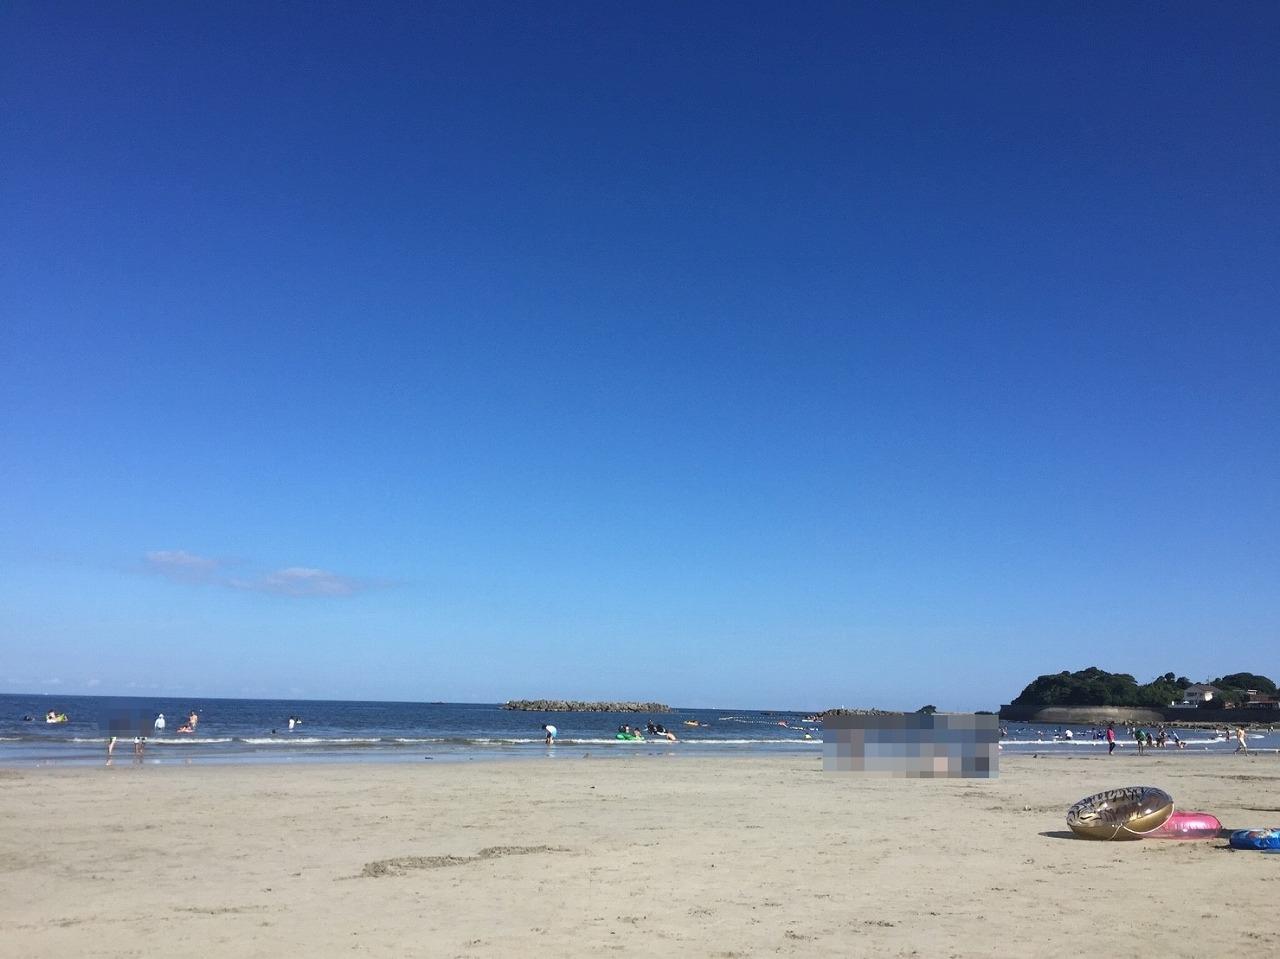 阿児の松原海水浴場の砂浜